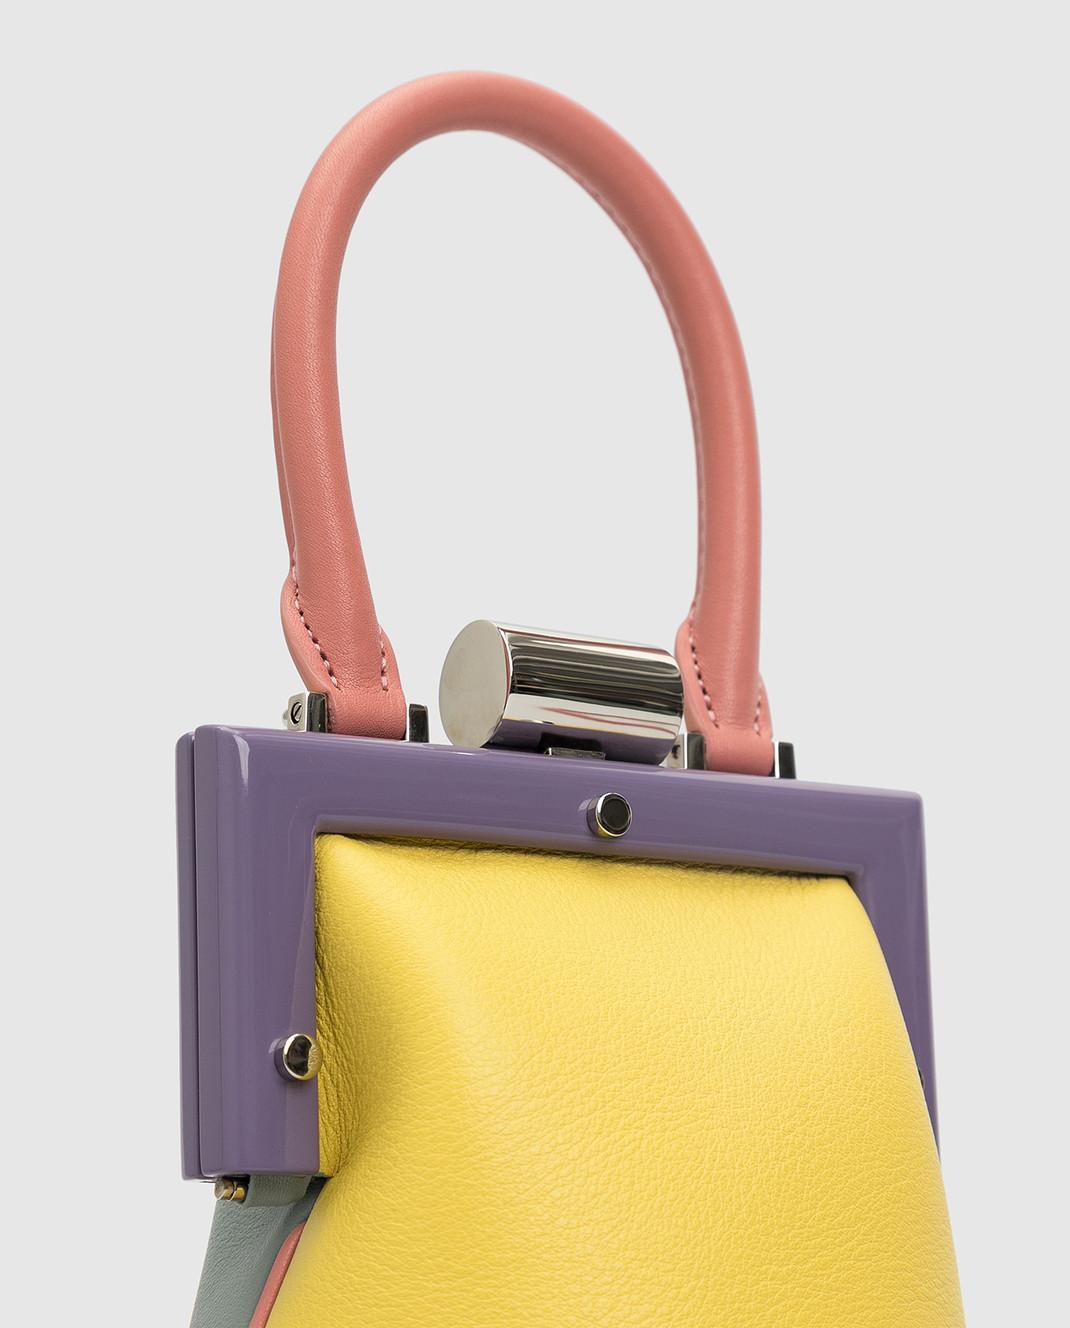 Perrin Кожаная сумка изображение 5